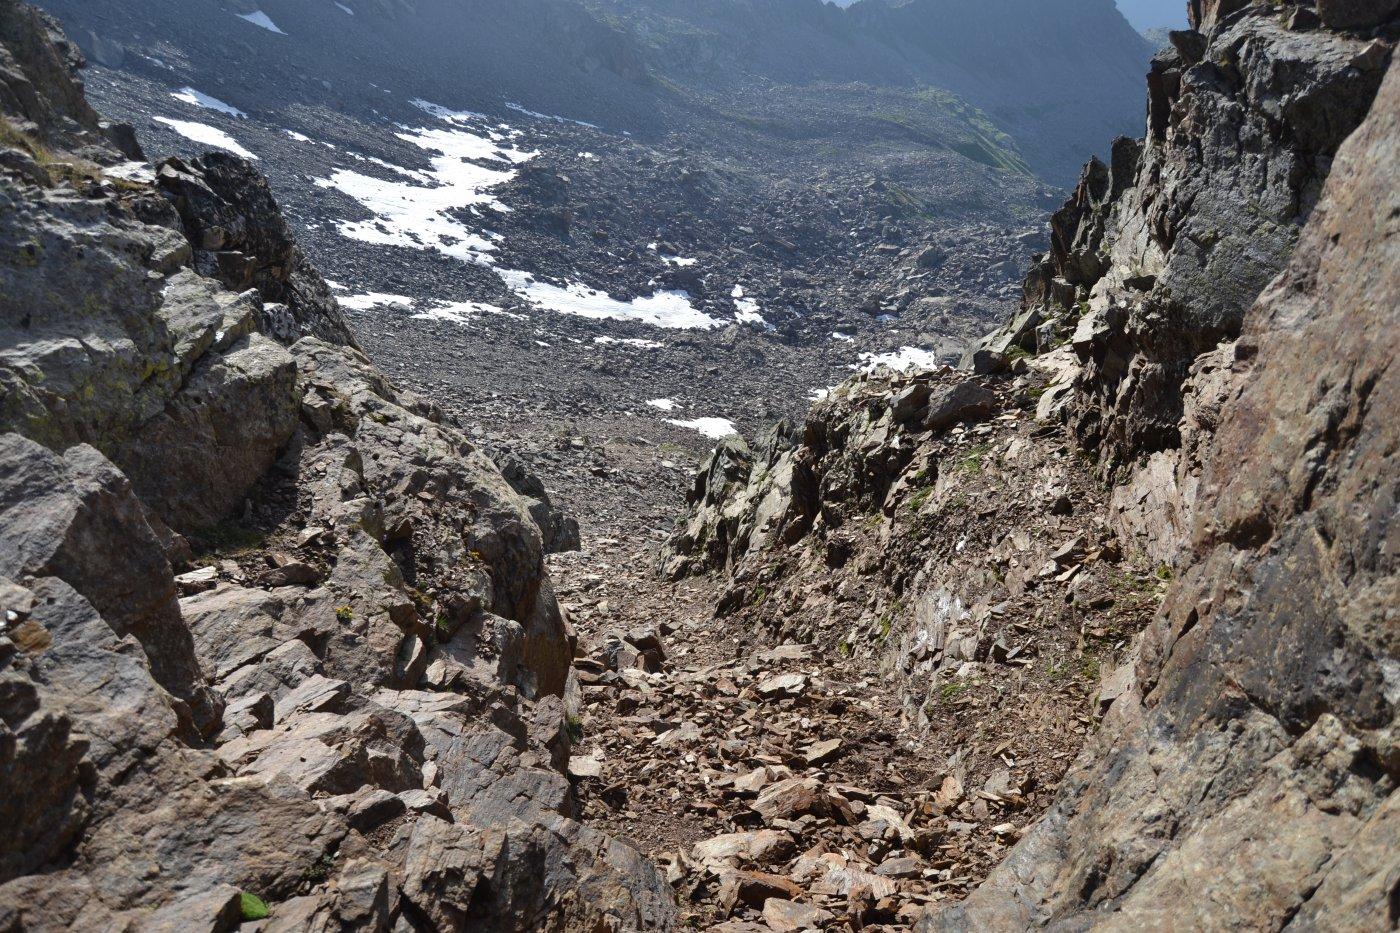 il colletto da raggiungere prima di affrontare la cresta